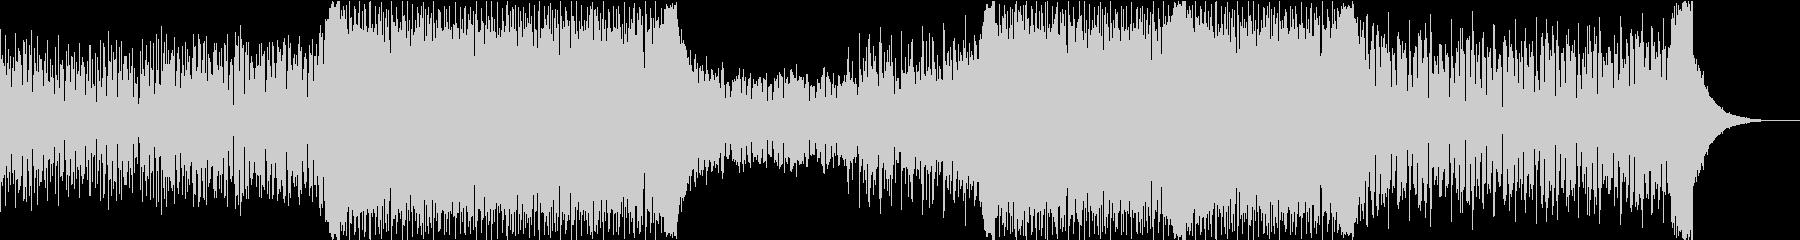 ファンクギター/ニューディスコ/ダンスの未再生の波形